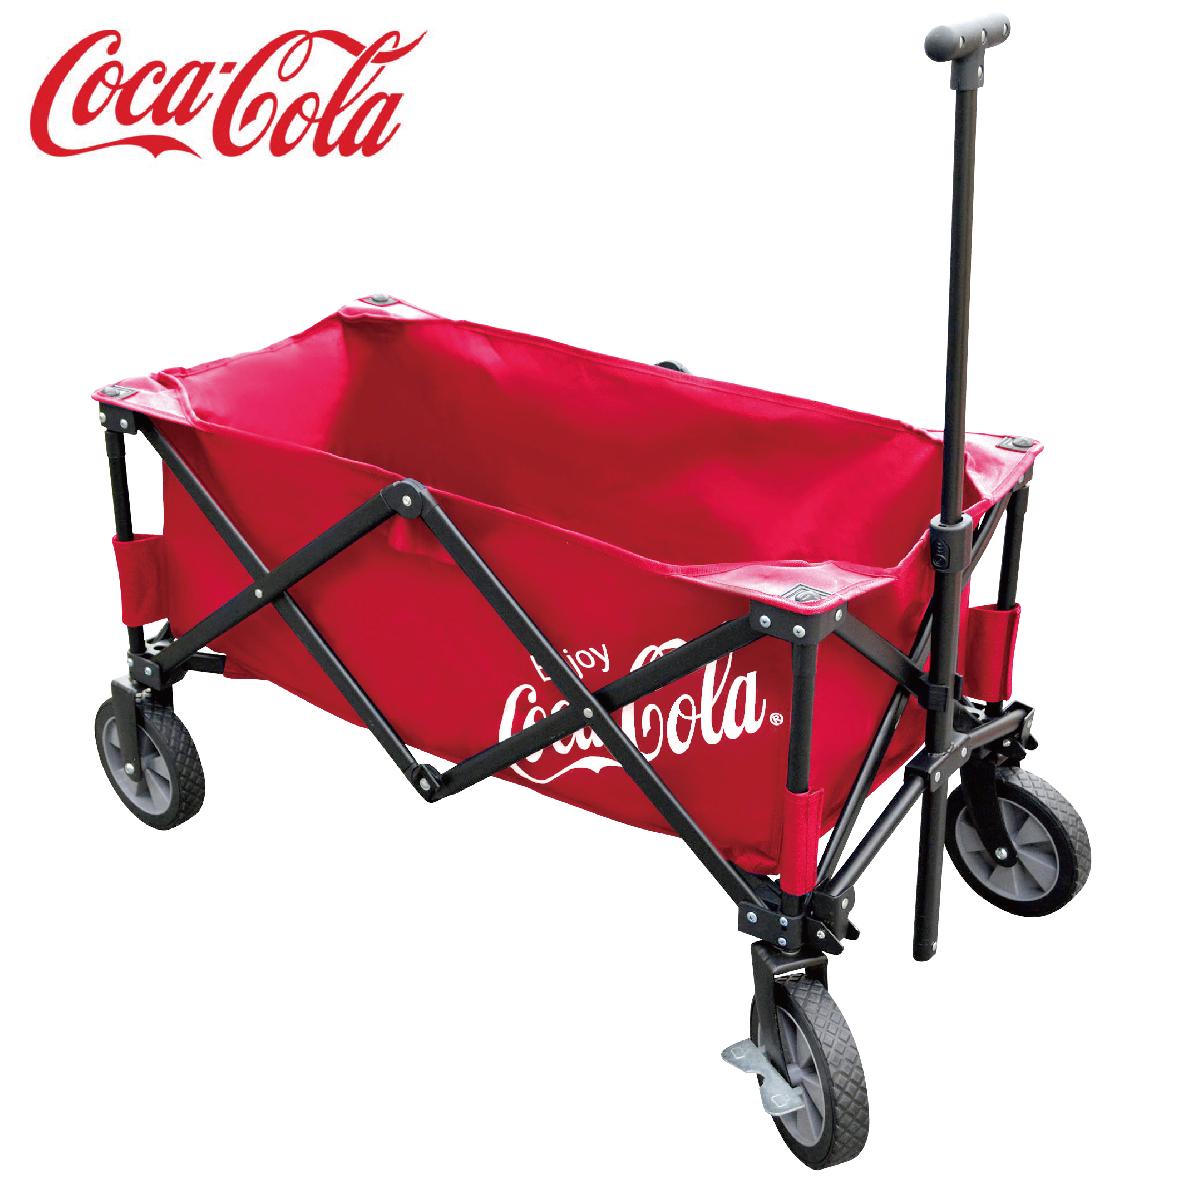 コカ・コーラ Coca-Cola キャリーワゴン R CC19-08K レッド コカコーラ コーラ DOSHISHA ドウシシャ 夏 アウトドア バーベキュー BBQ 【SG】